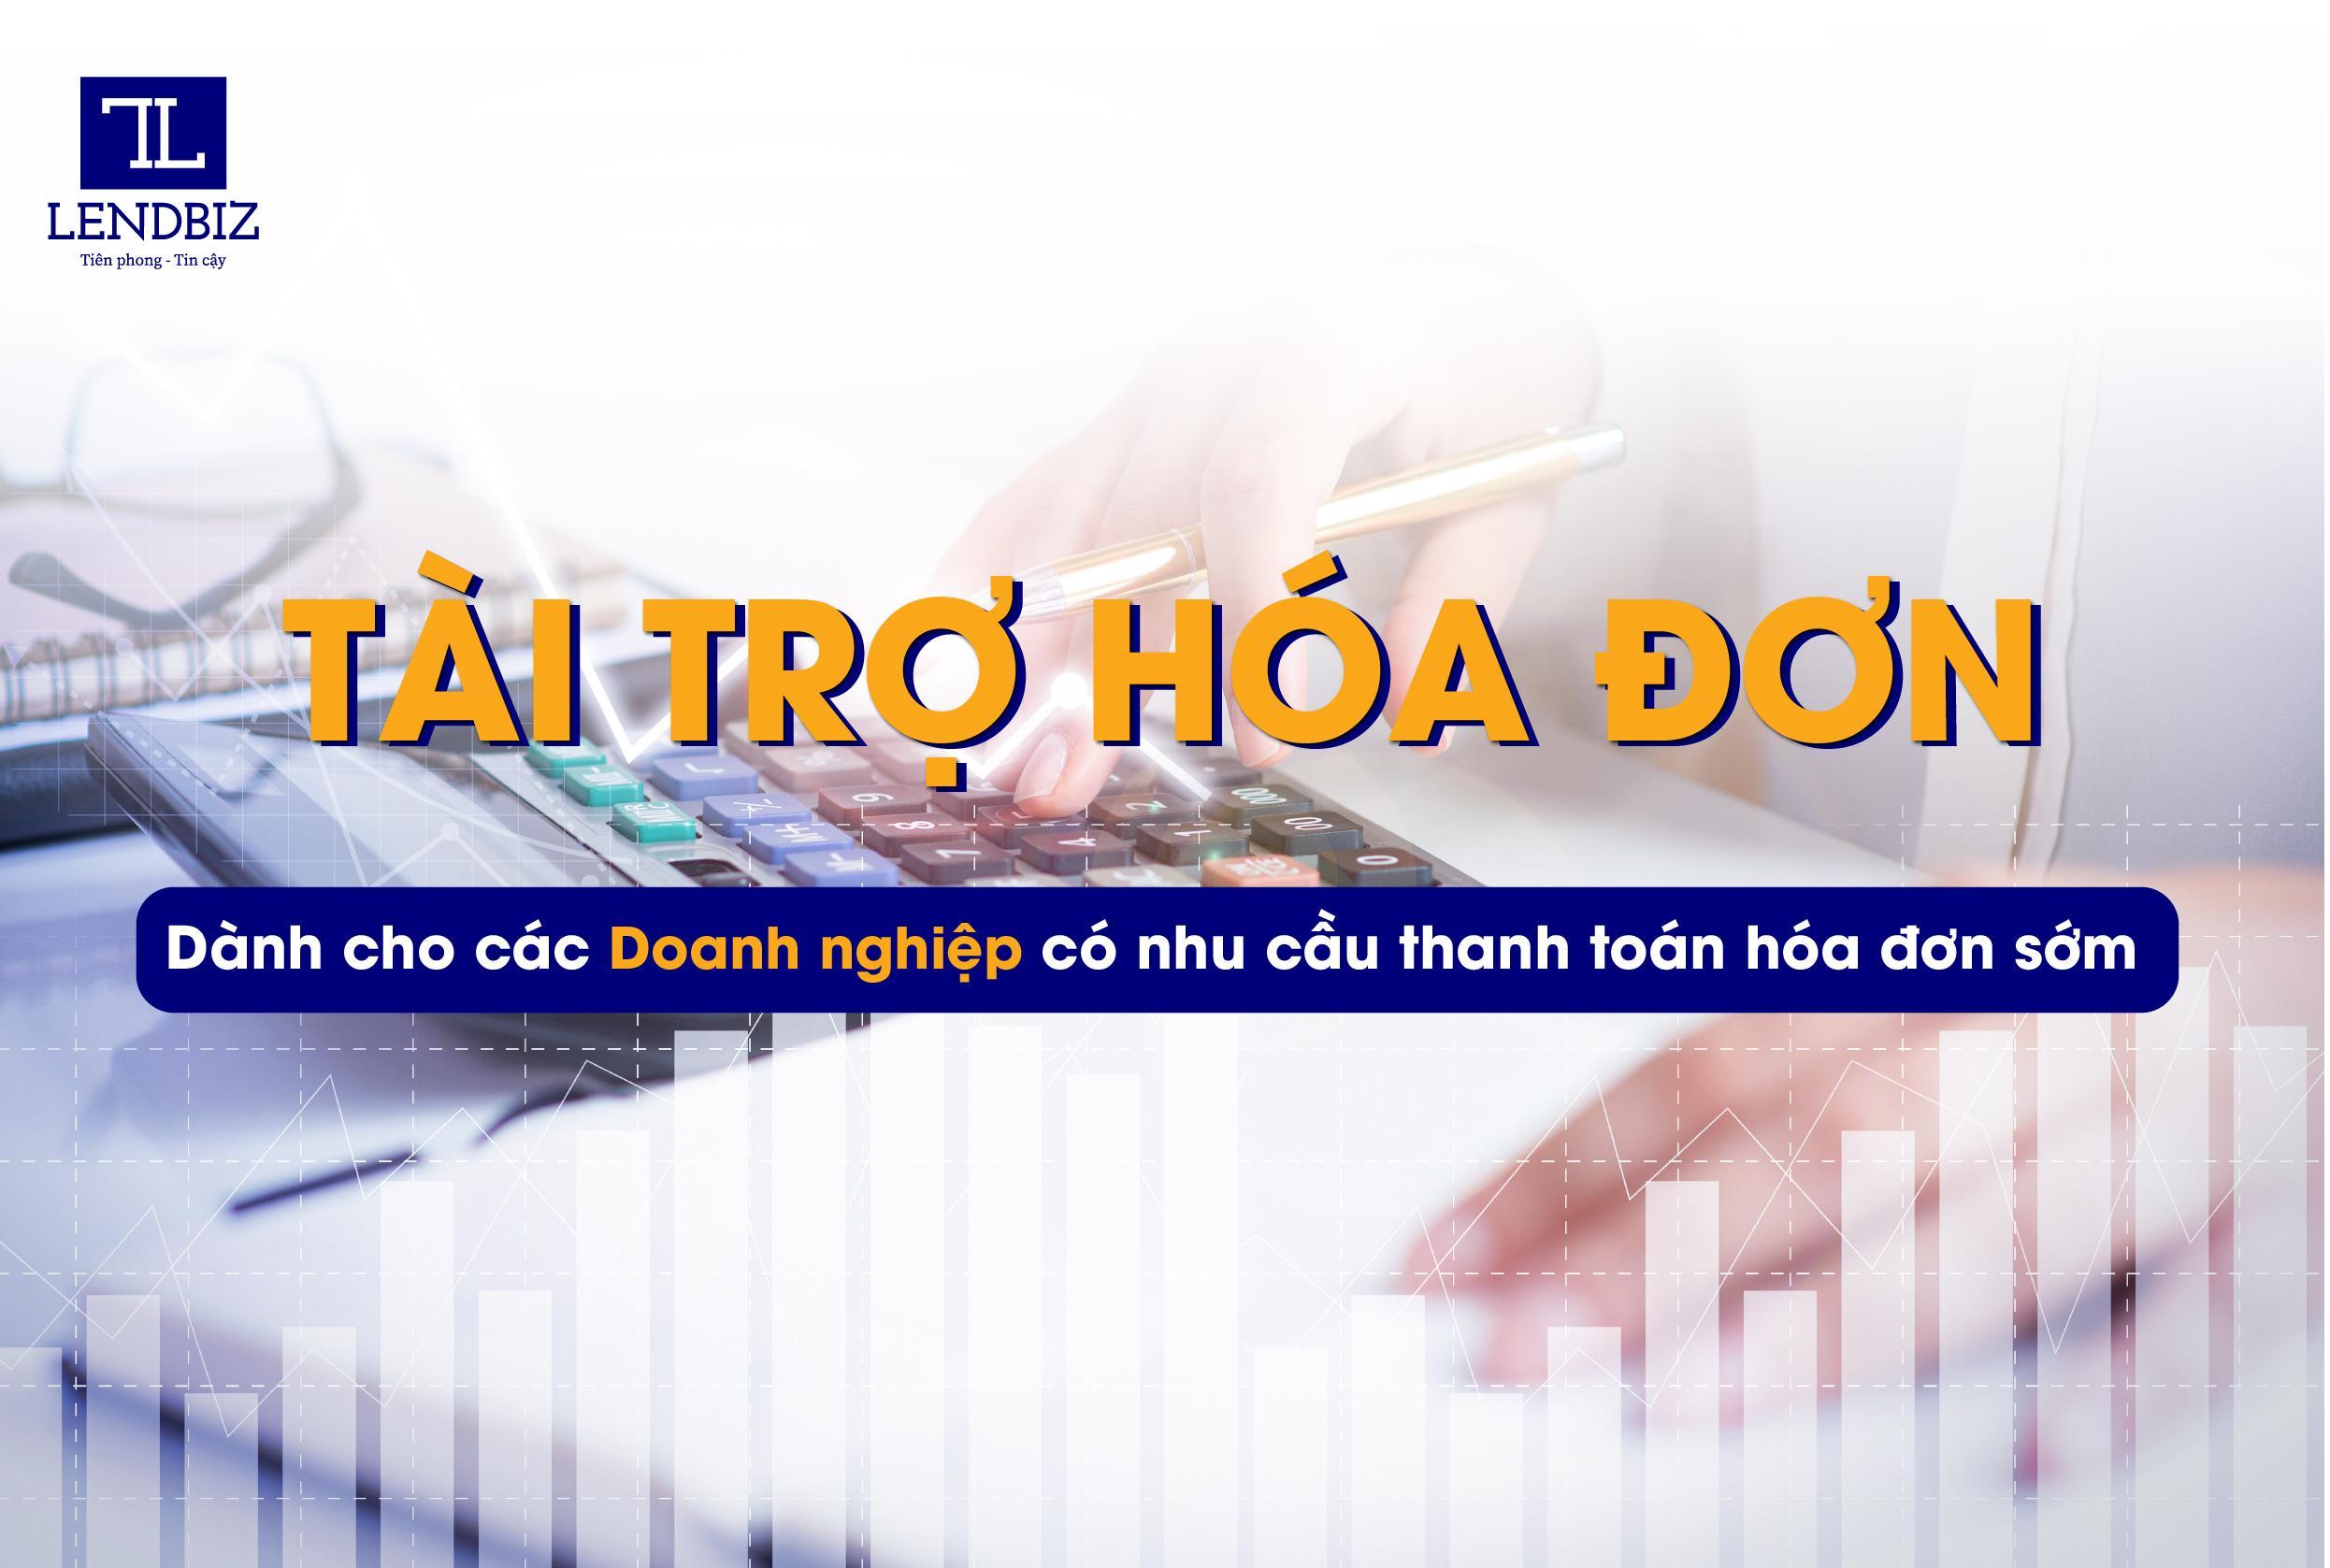 Bột tẩy uế xông nhà Ngũ Linh Thần Mộc - Sản phẩm phong thuỷ & tâm linh trong gia đình Việt